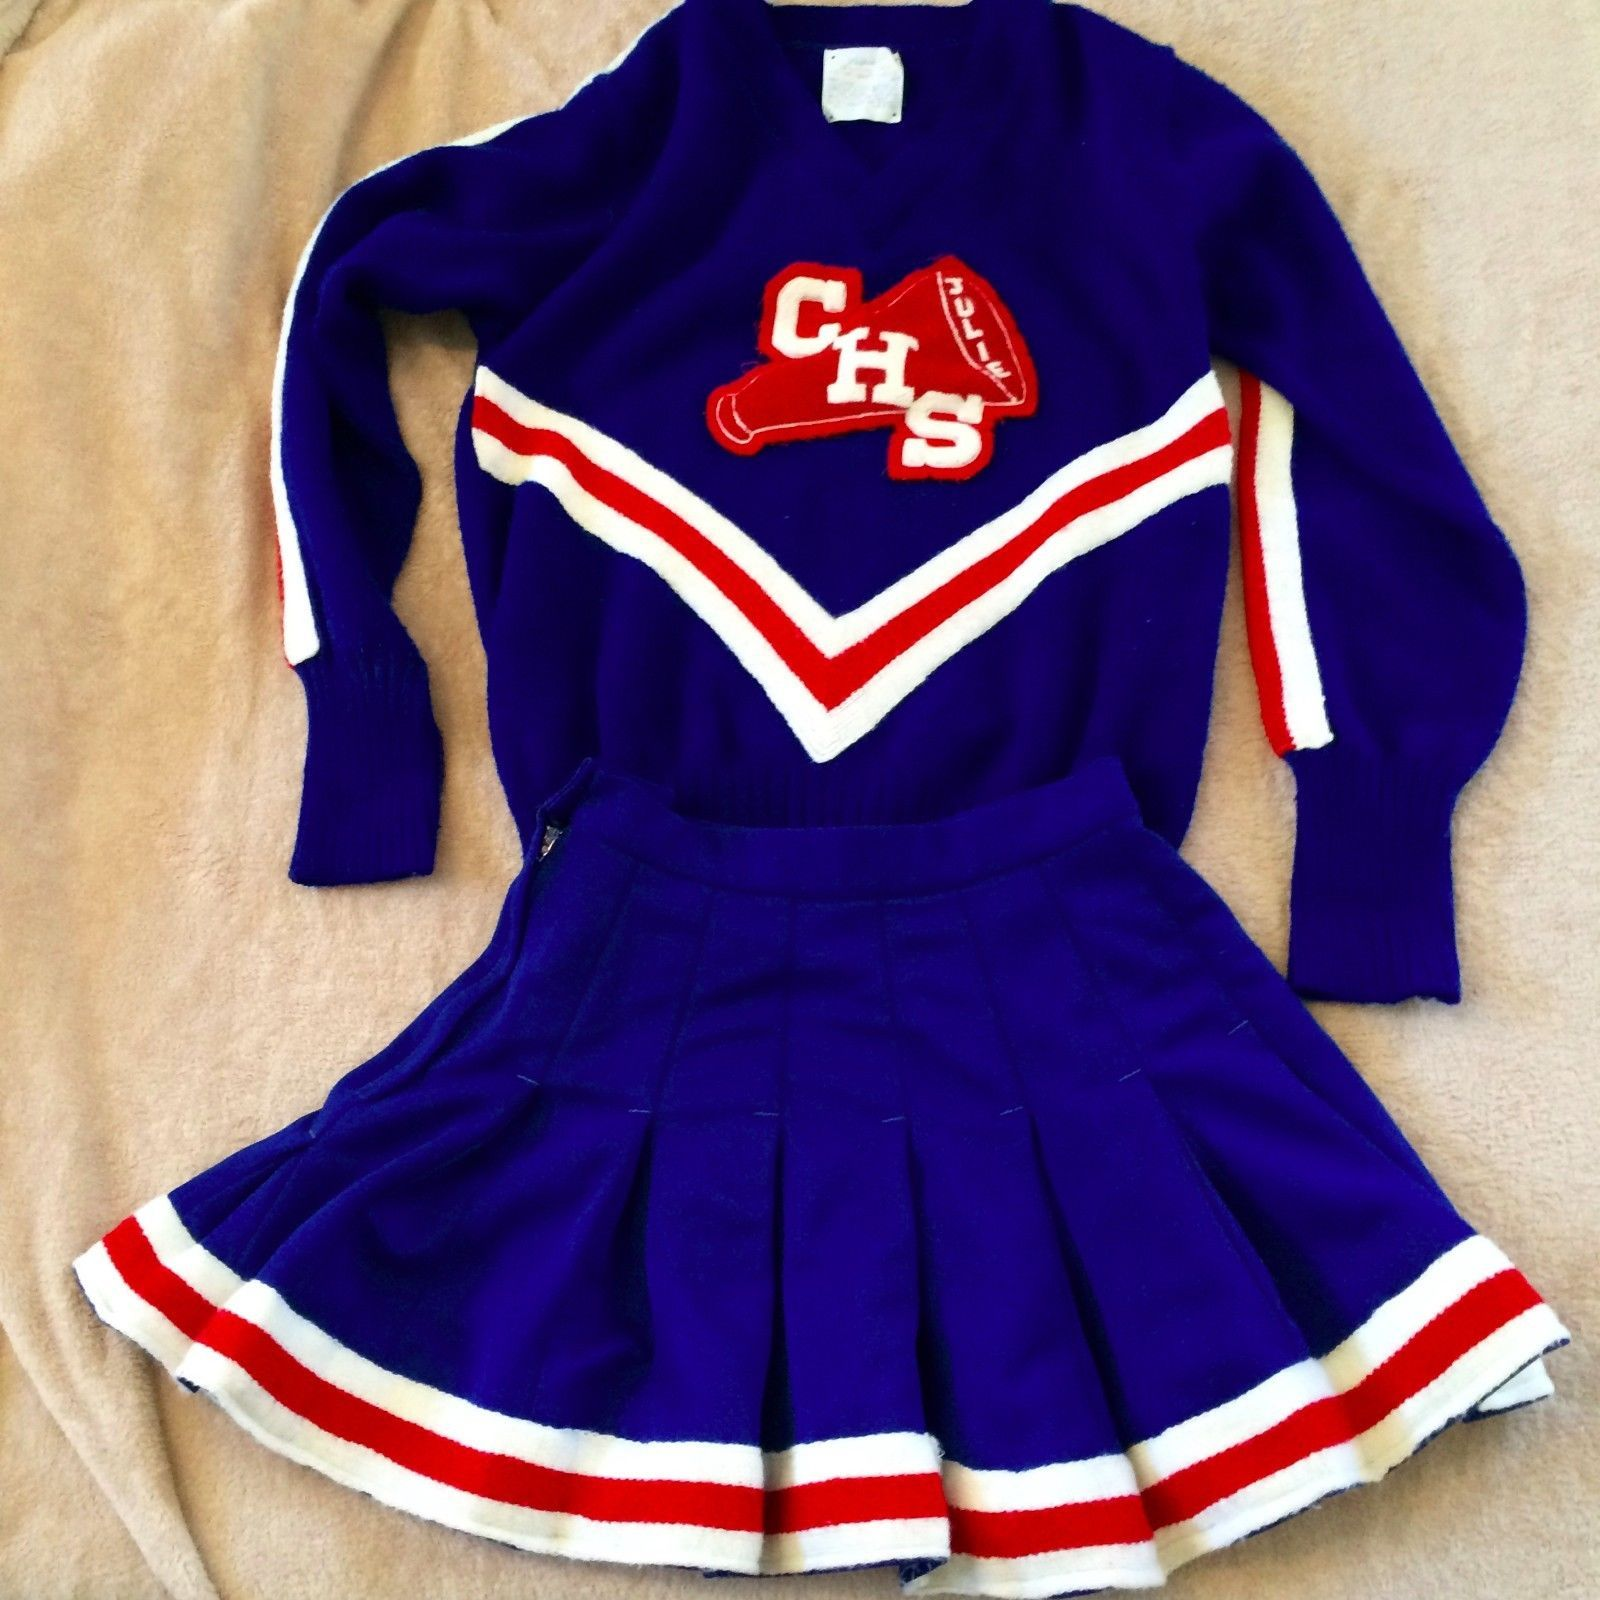 vintage cheerleading uniform